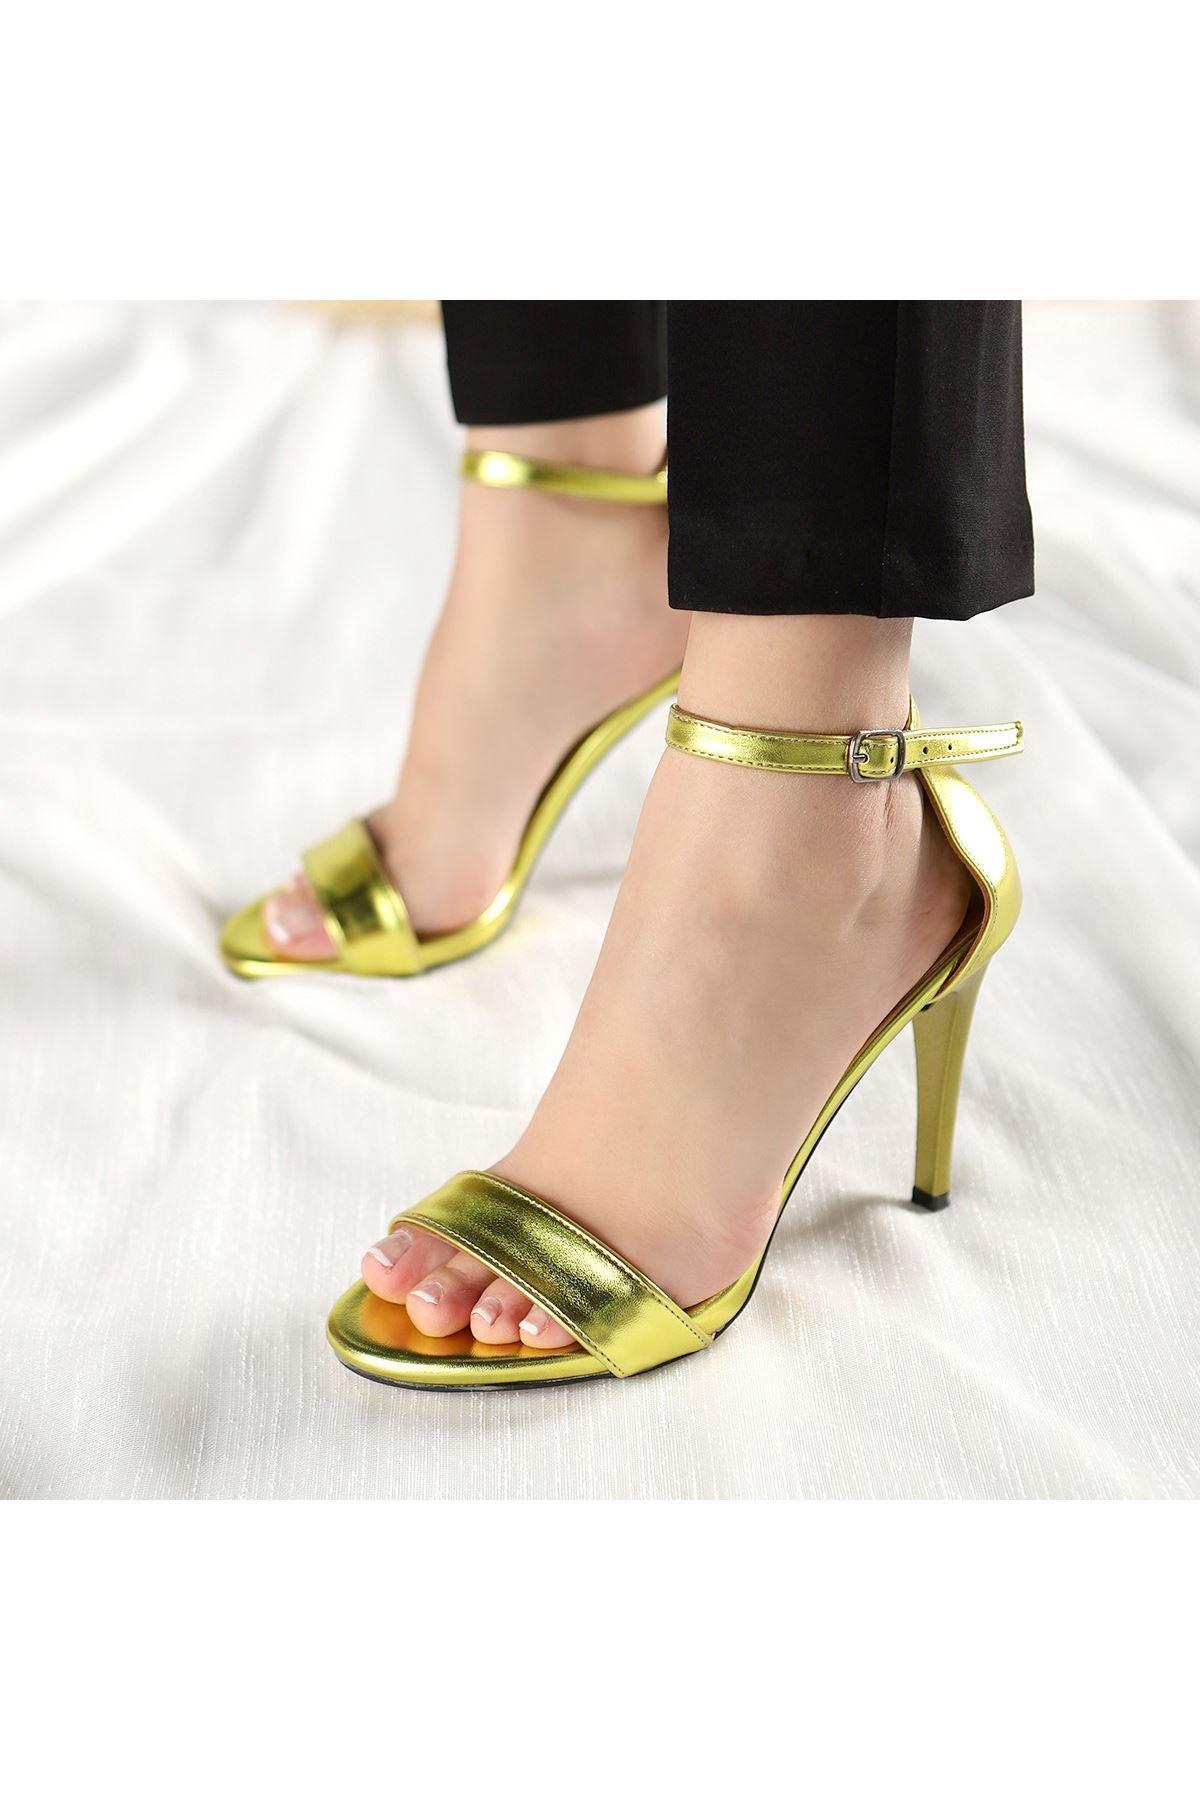 Tima Neon Sarısı Cilt Topuklu Ayakkabı